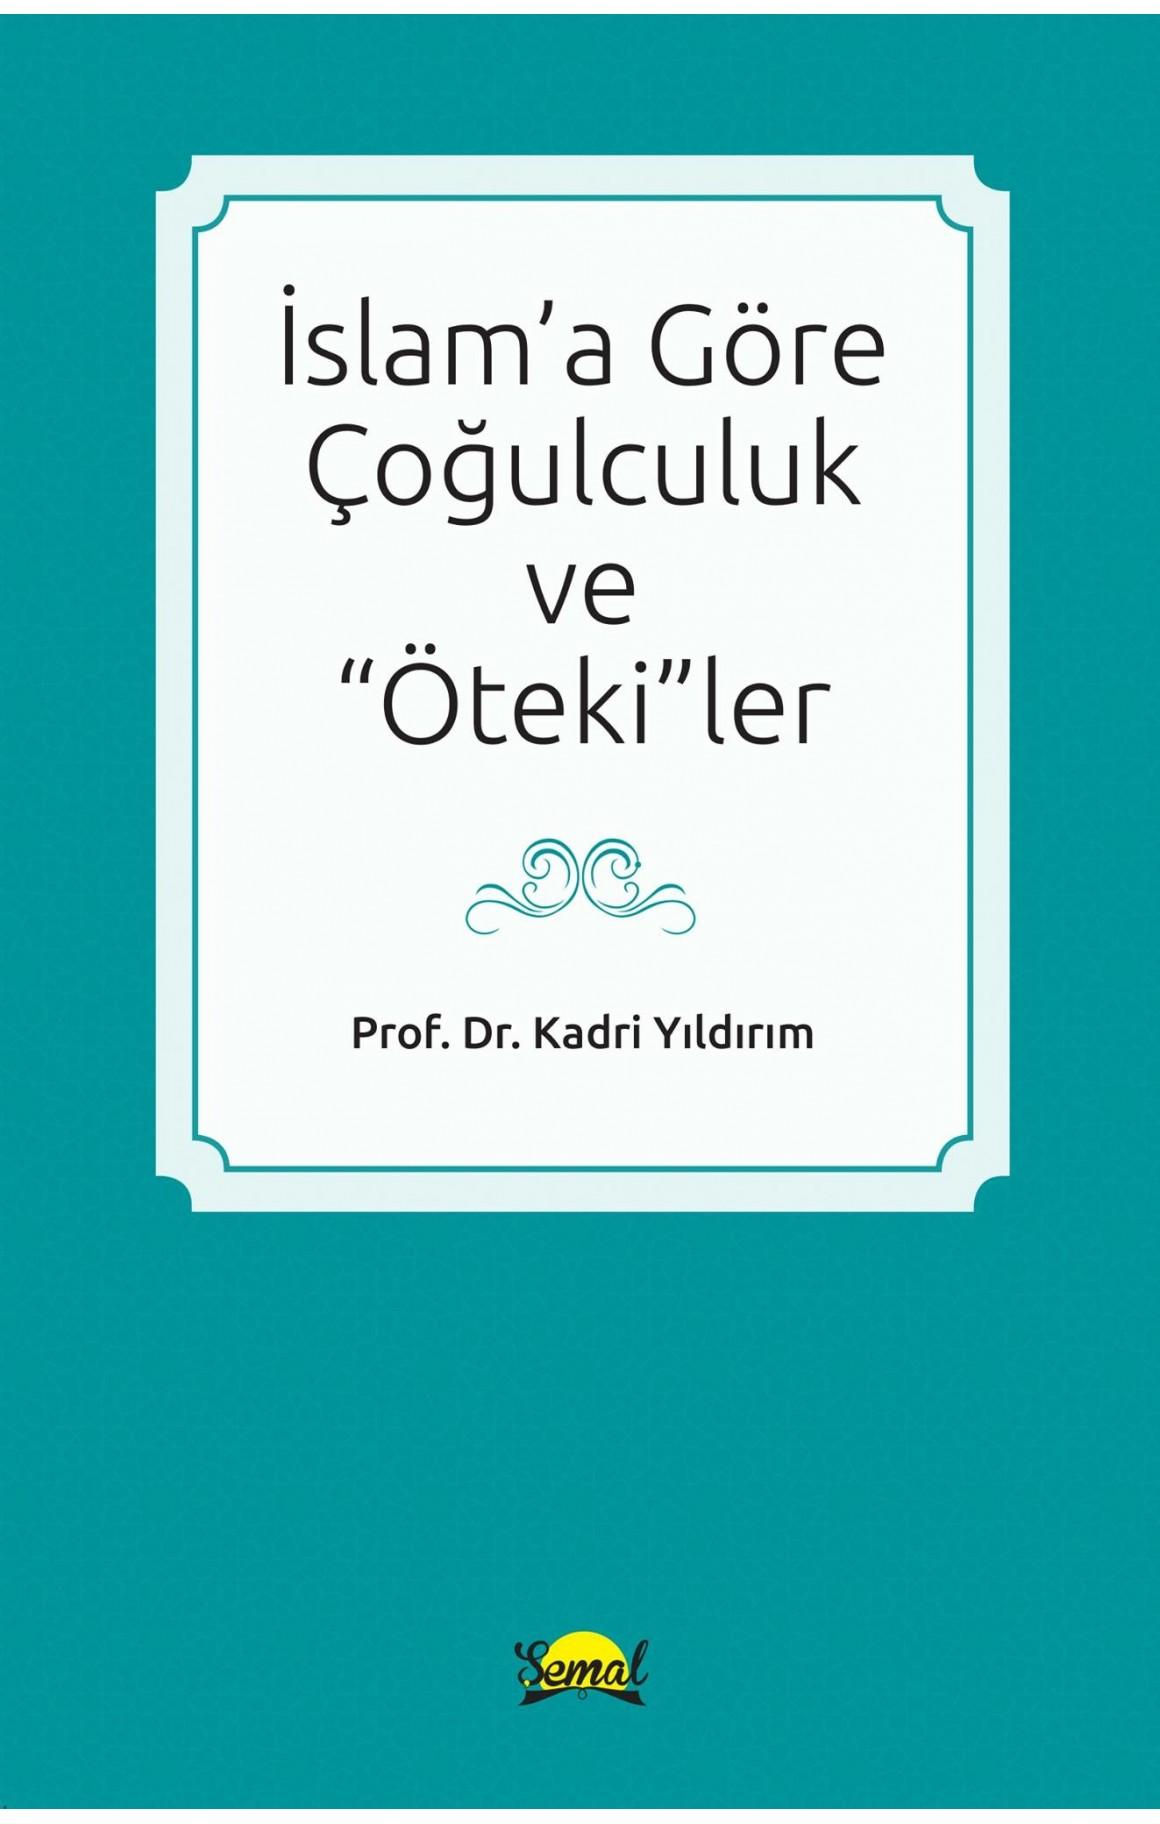 İslama Göre Çoğulculuk ve Ötekiler